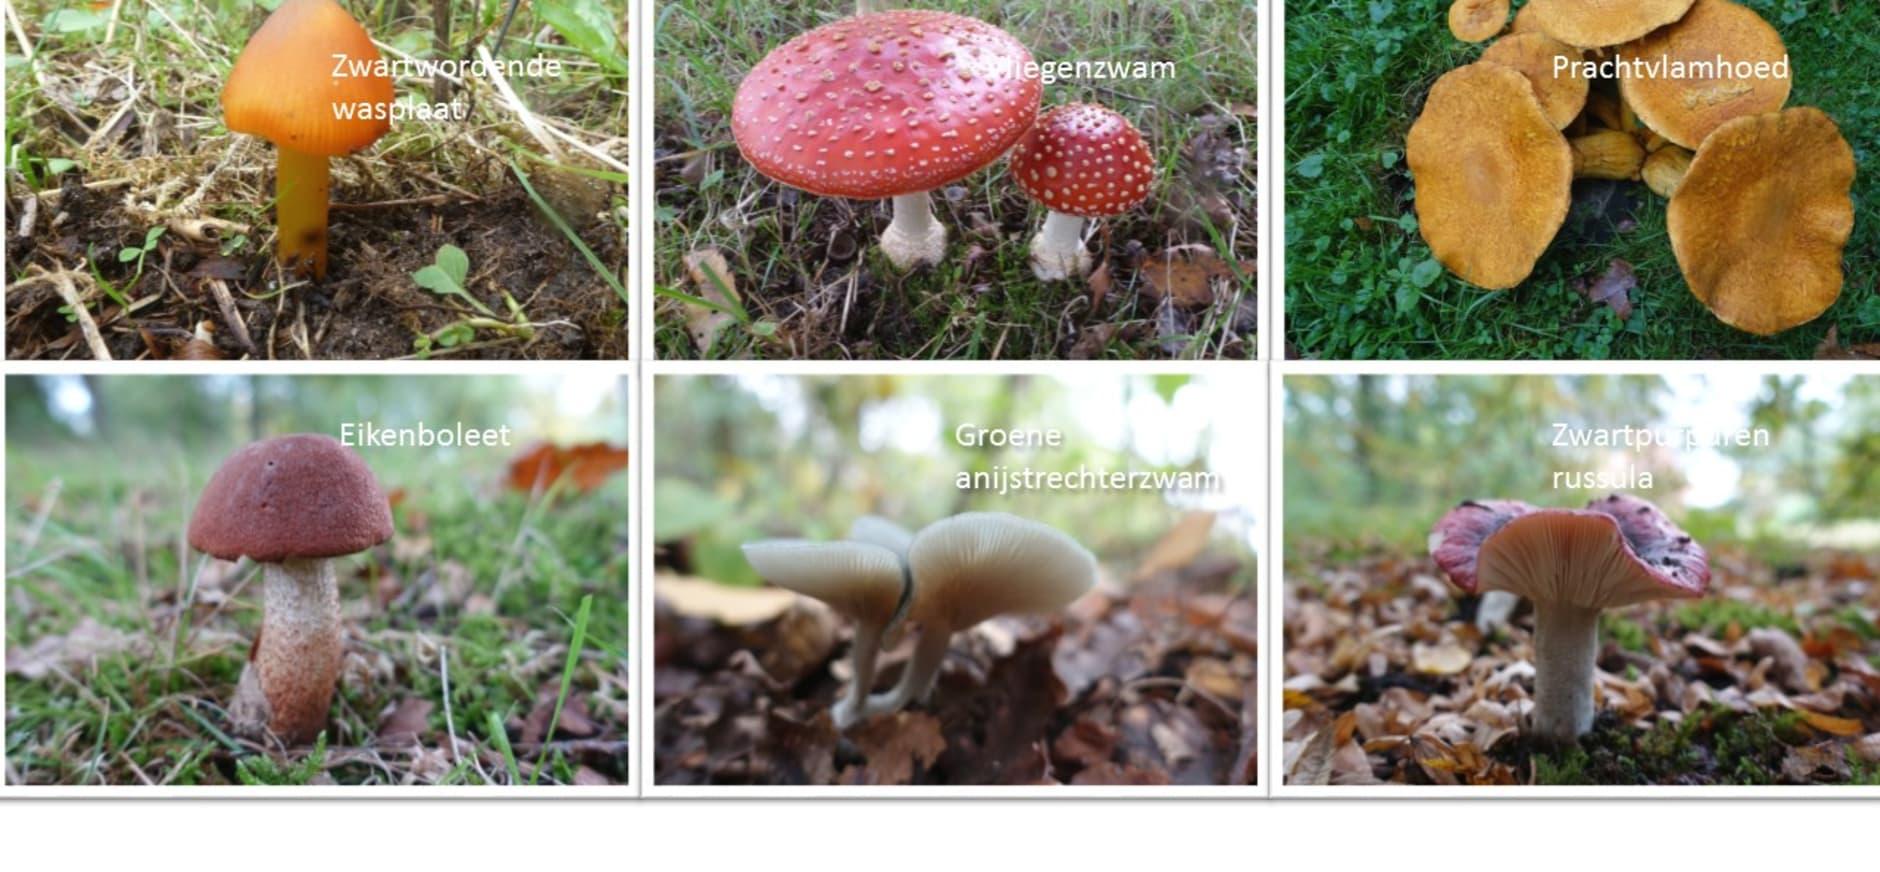 paddenstoelen arboretum